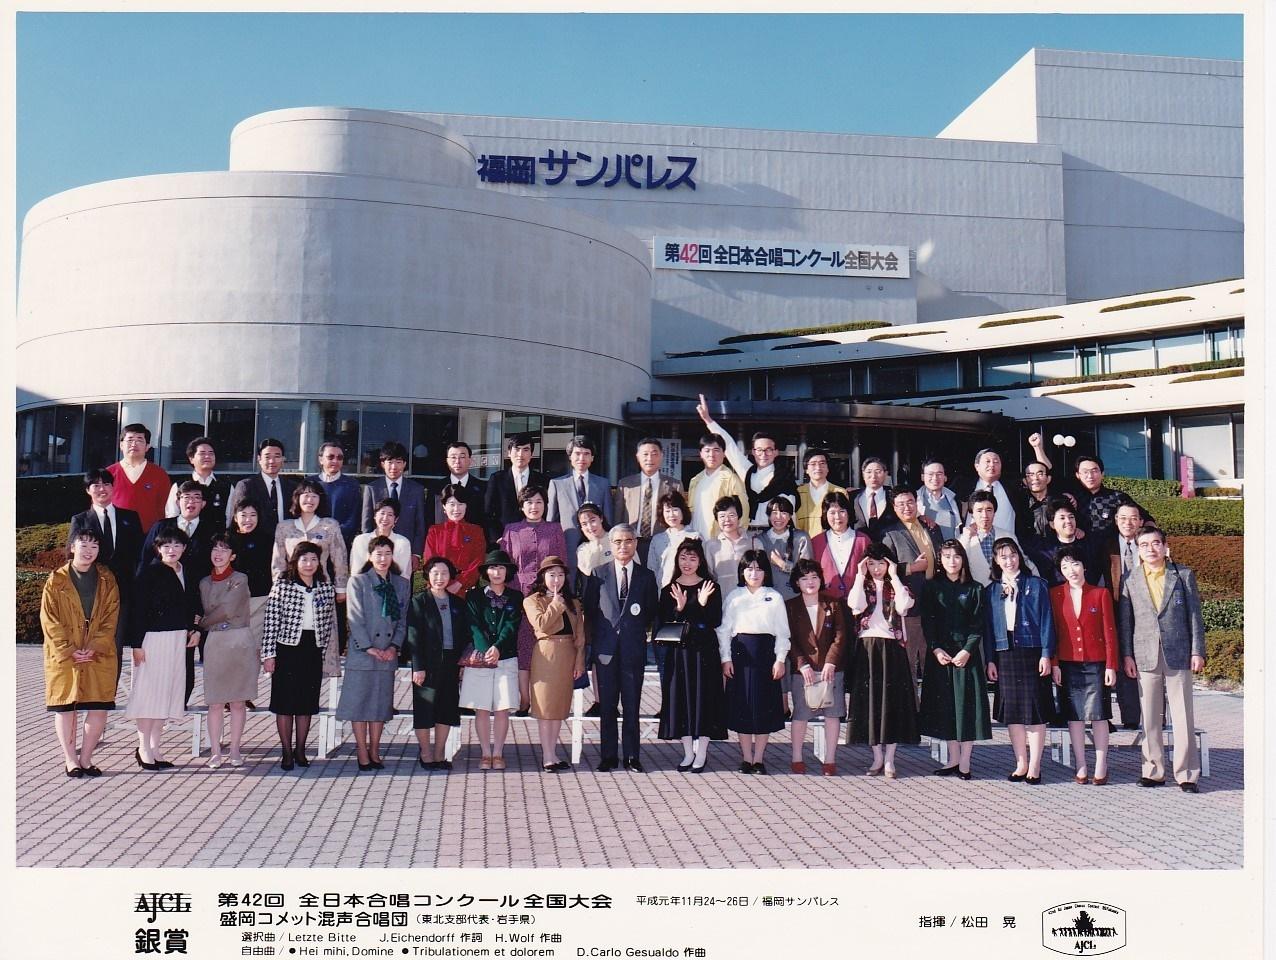 第42回全日本合唱コンクール_c0125004_16430273.jpg